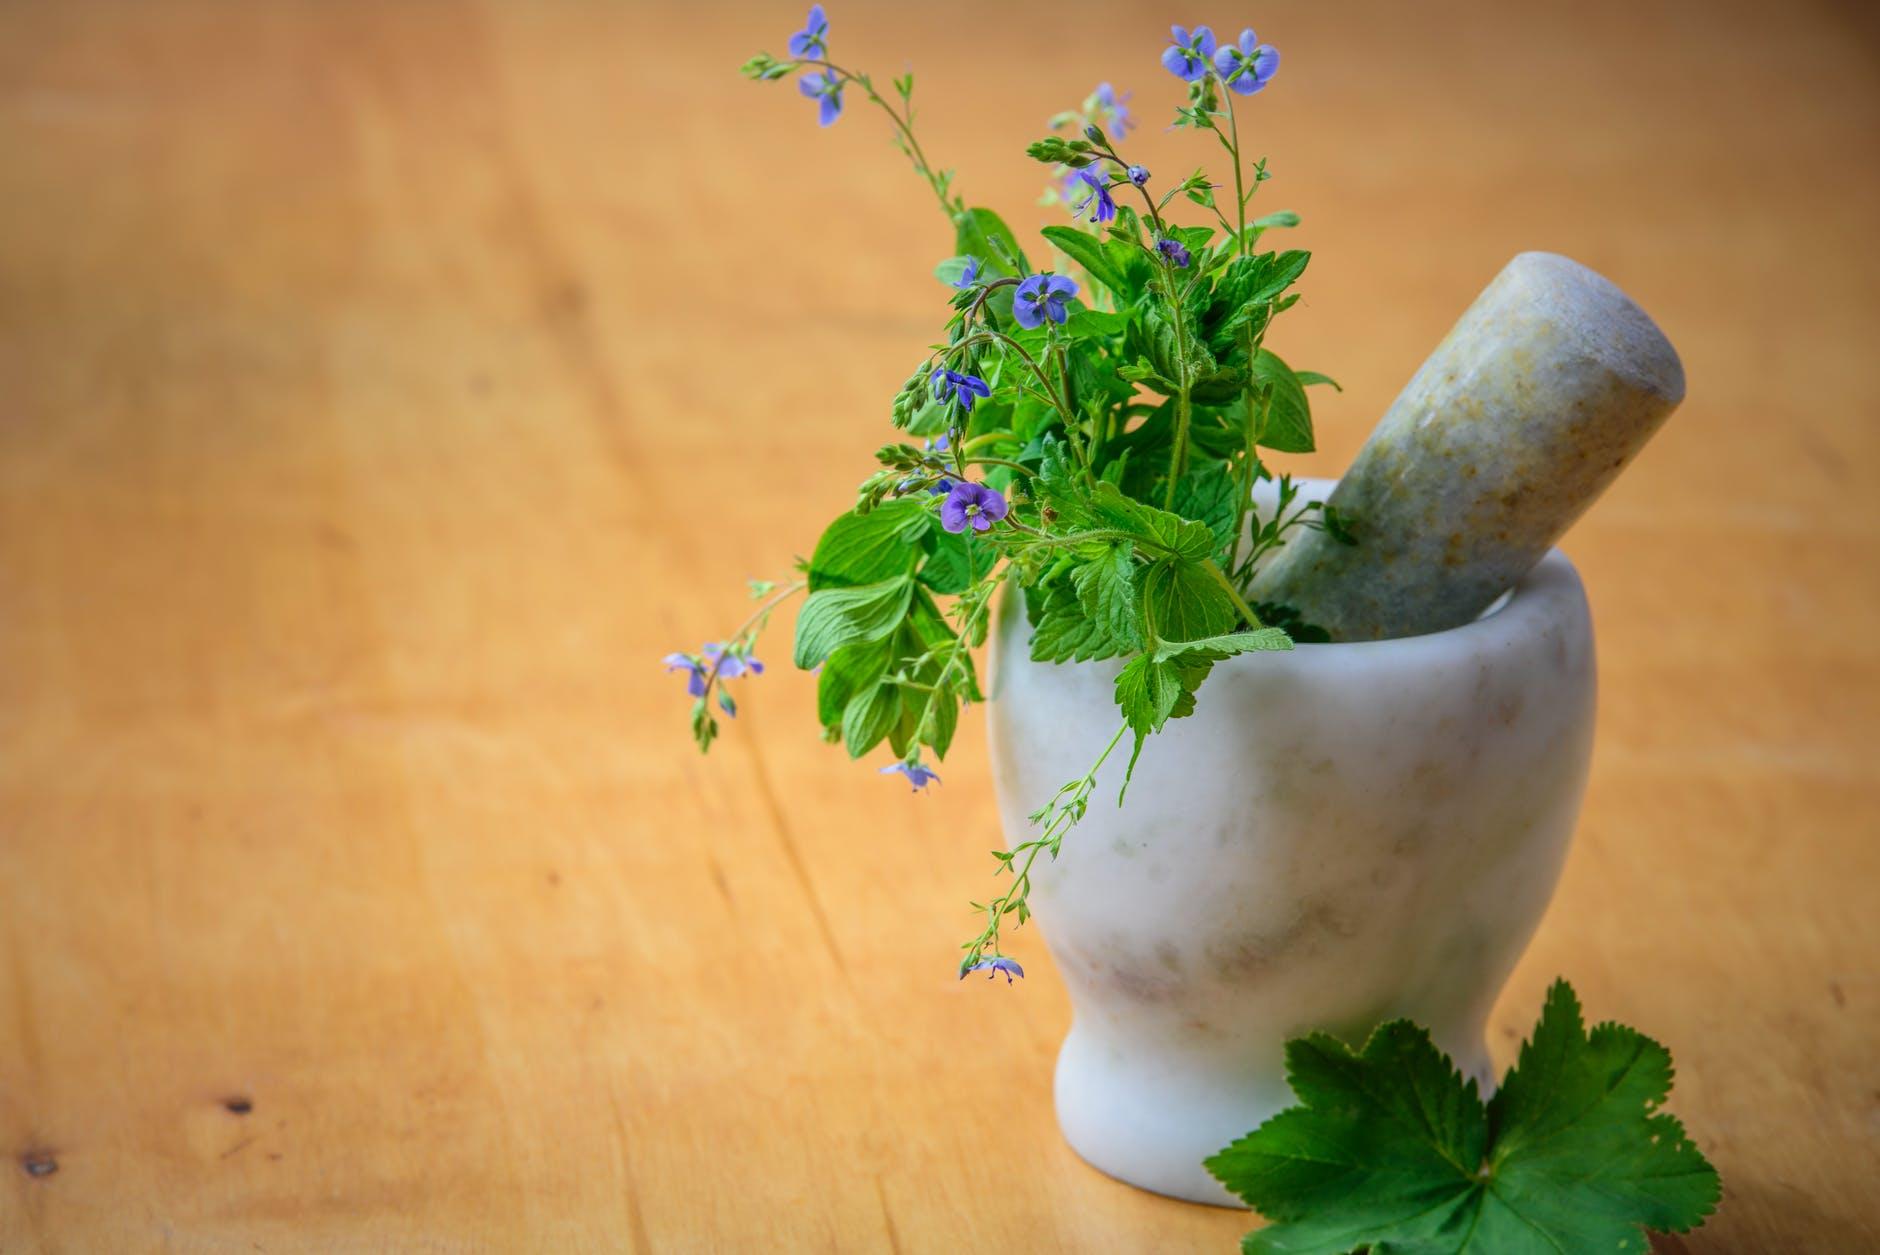 Natură pentru sănătate. Prof. Univ. Dr. Vlad Ciurea: În plante există totul. Îmbunătățesc starea întregului organism